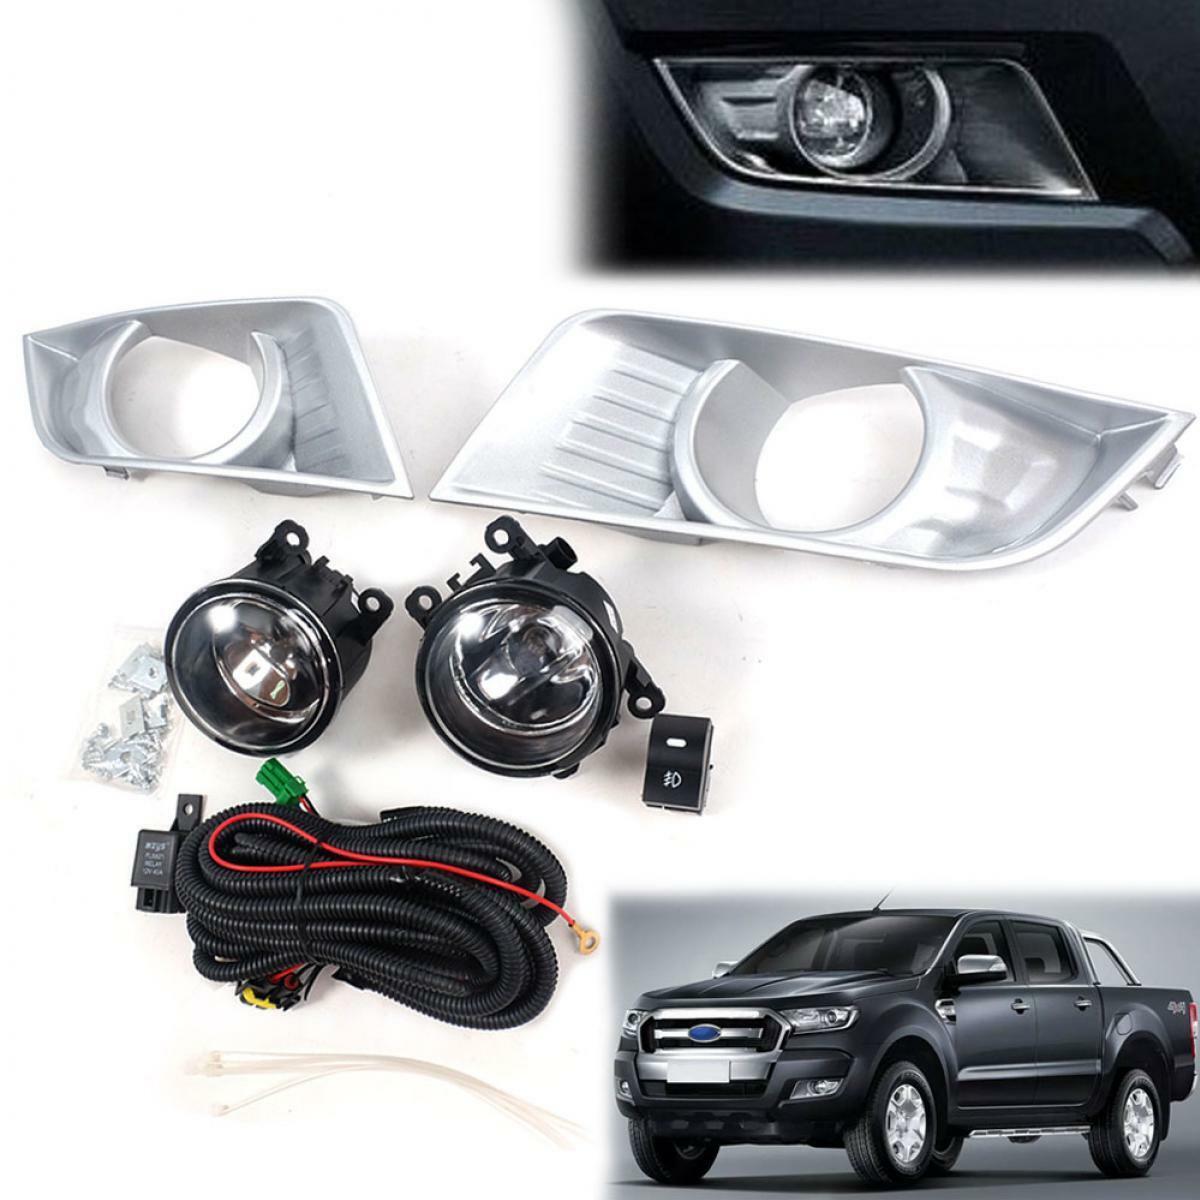 Fit 2015-2018 Ford Ranger T6 Wildtrak Spot Light Fog Lamp Chrome Pickup Set